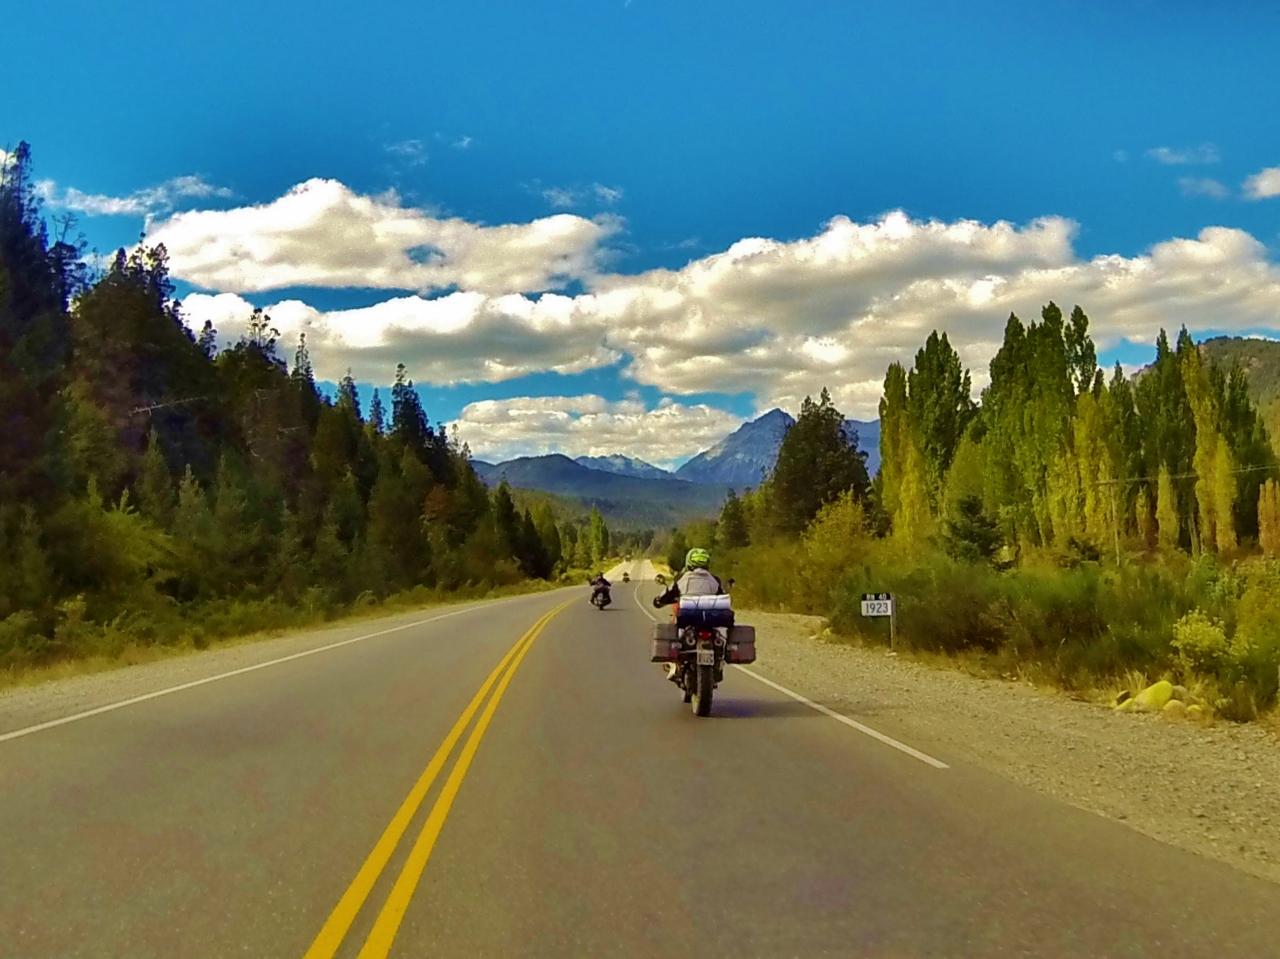 Headed north on Ruta 40 out of El Bolsón